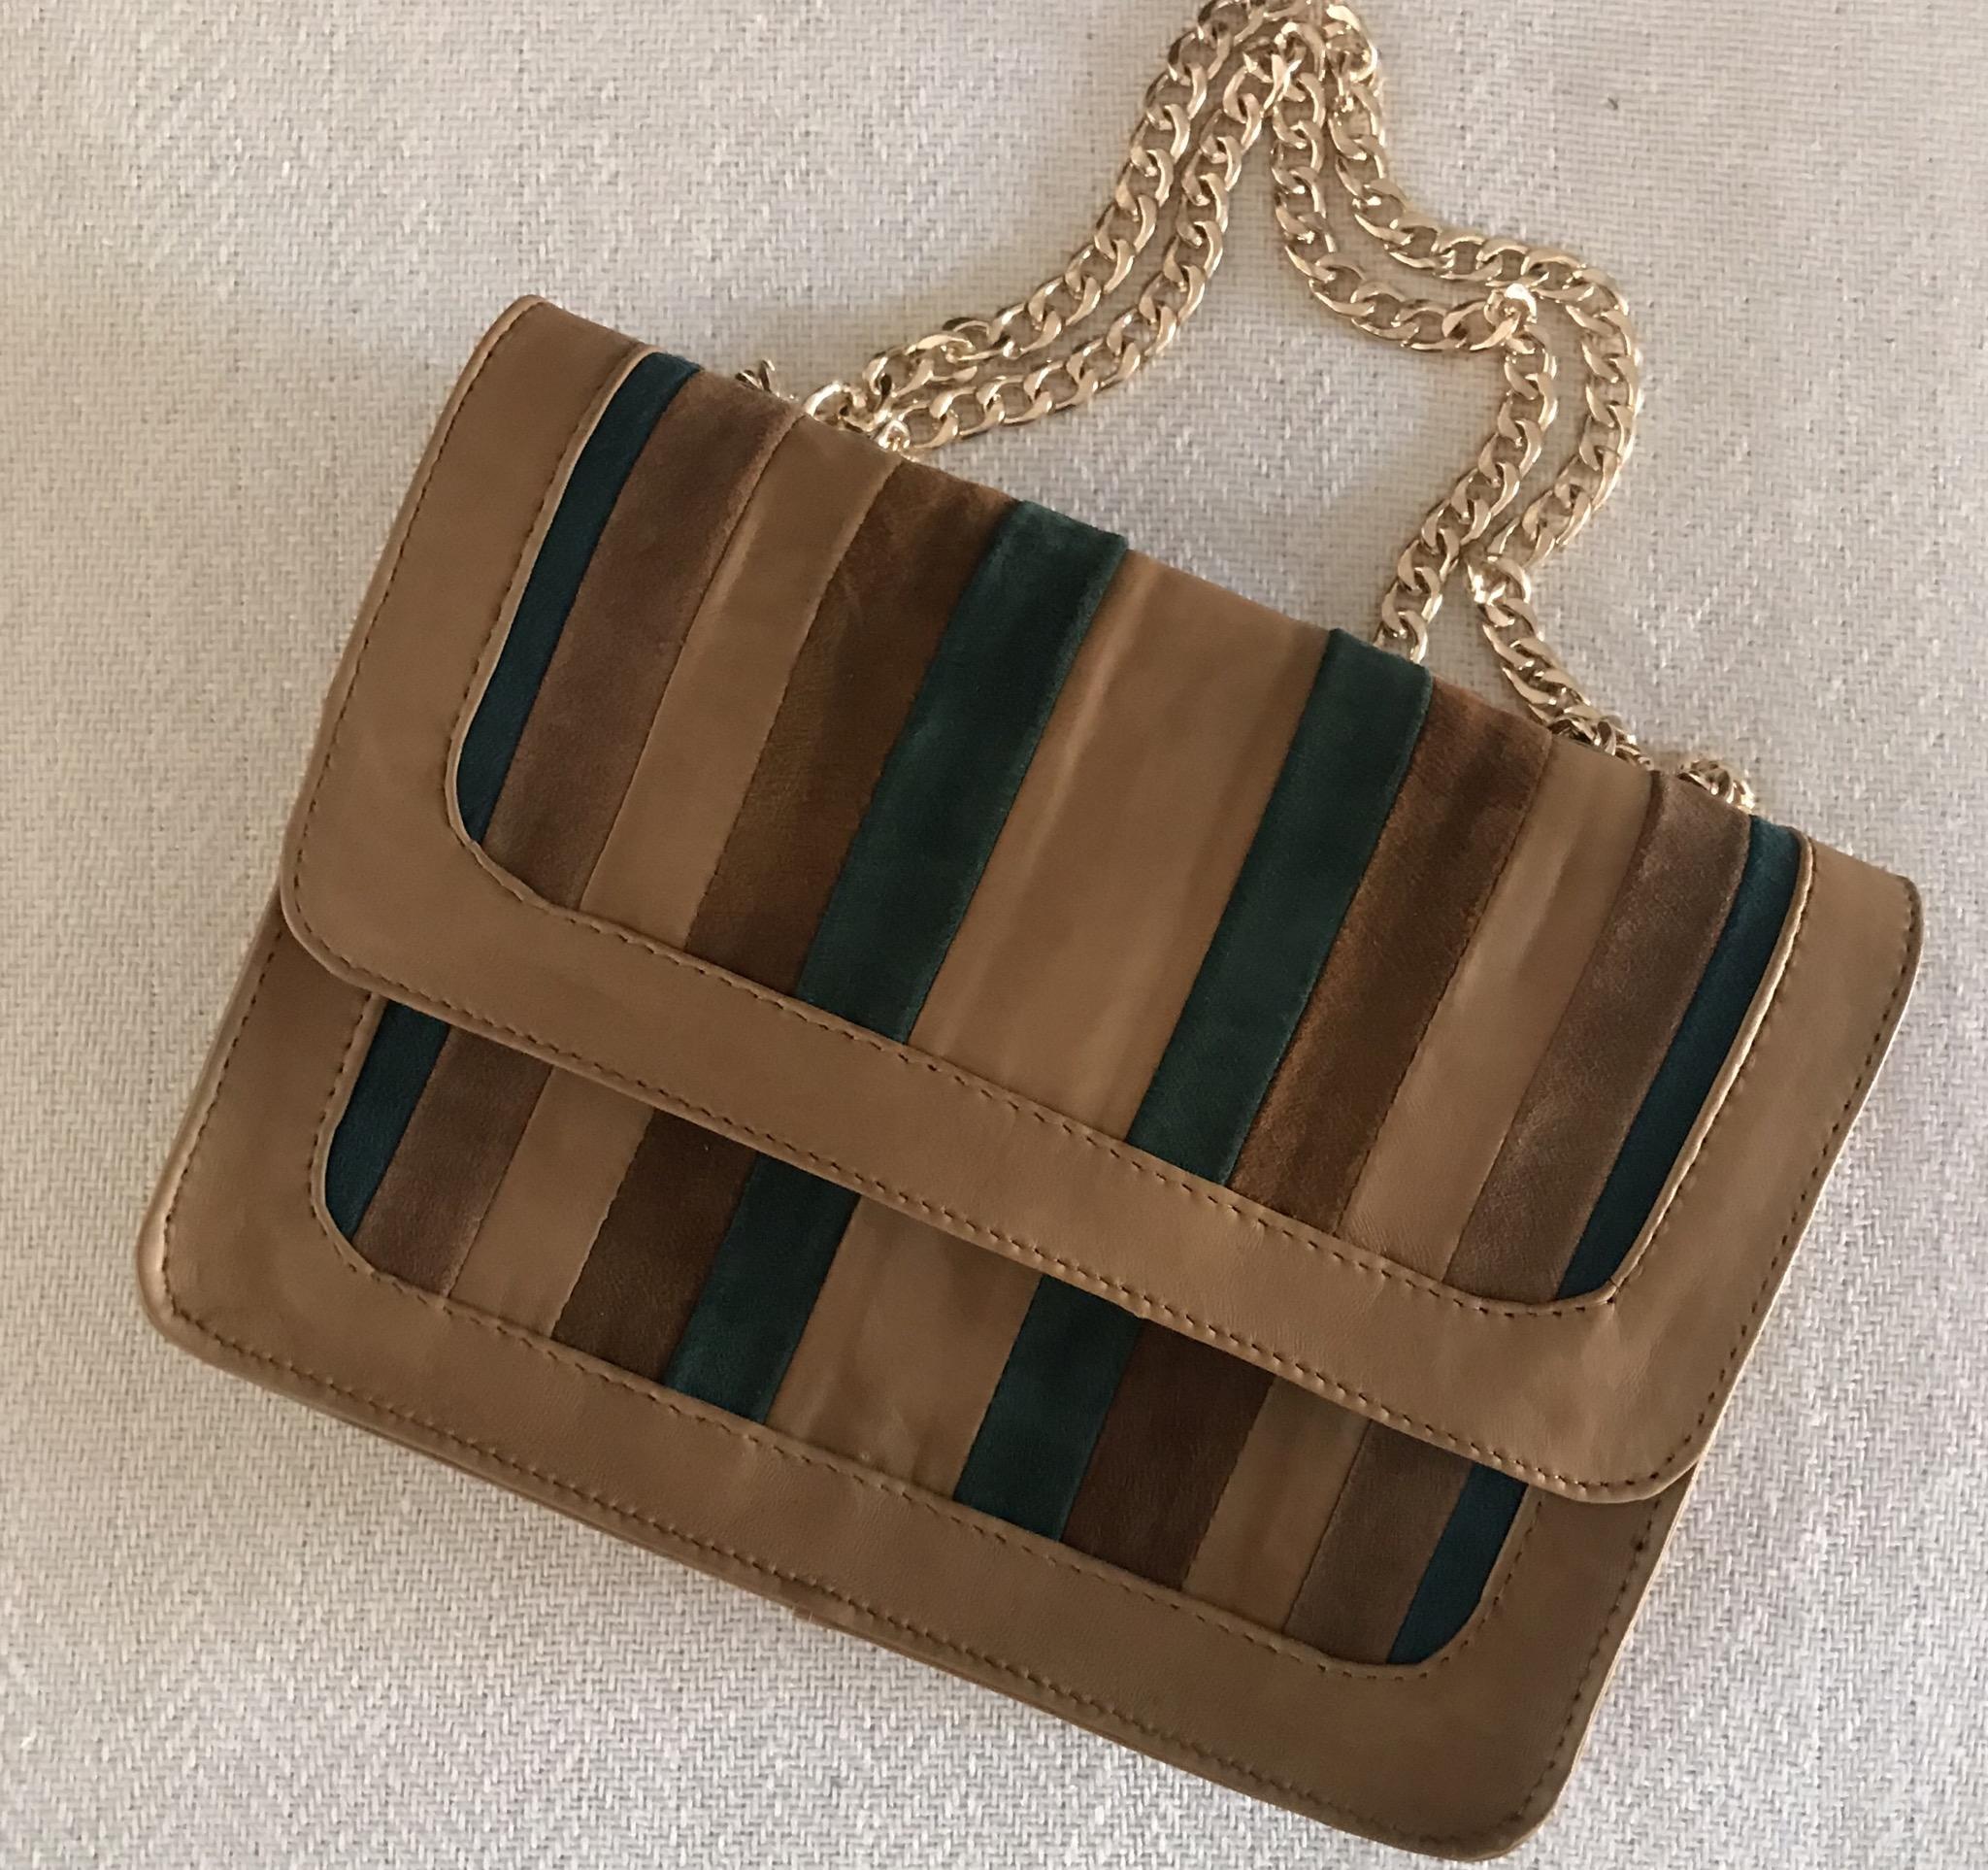 Bag multicolor camel brown green